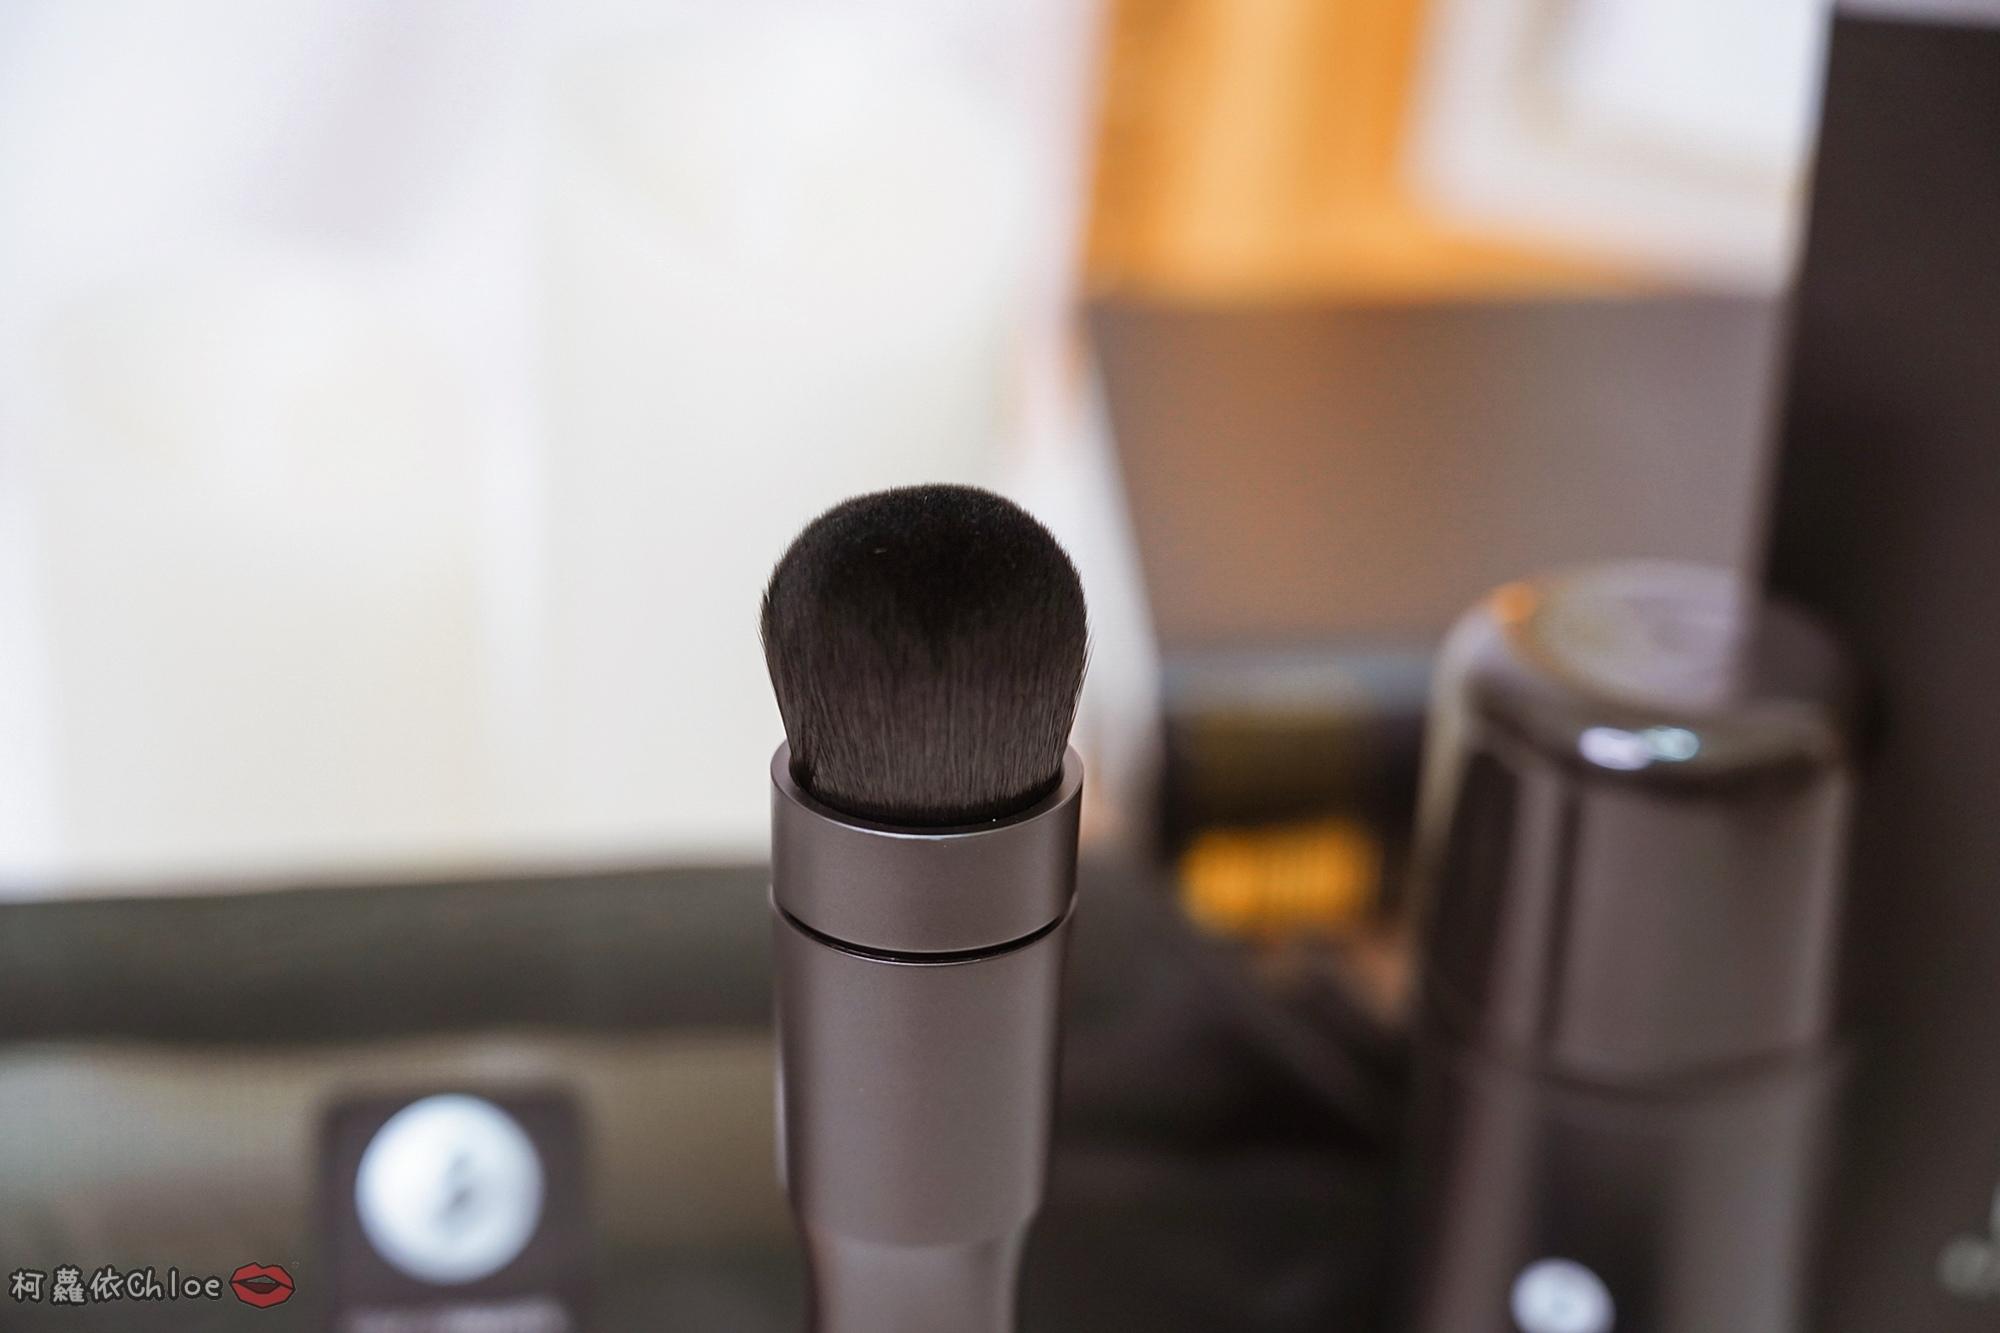 彩妝工具推薦 blendSMART電動化妝刷 達人套裝開箱 上妝輕柔更有效率37.jpg